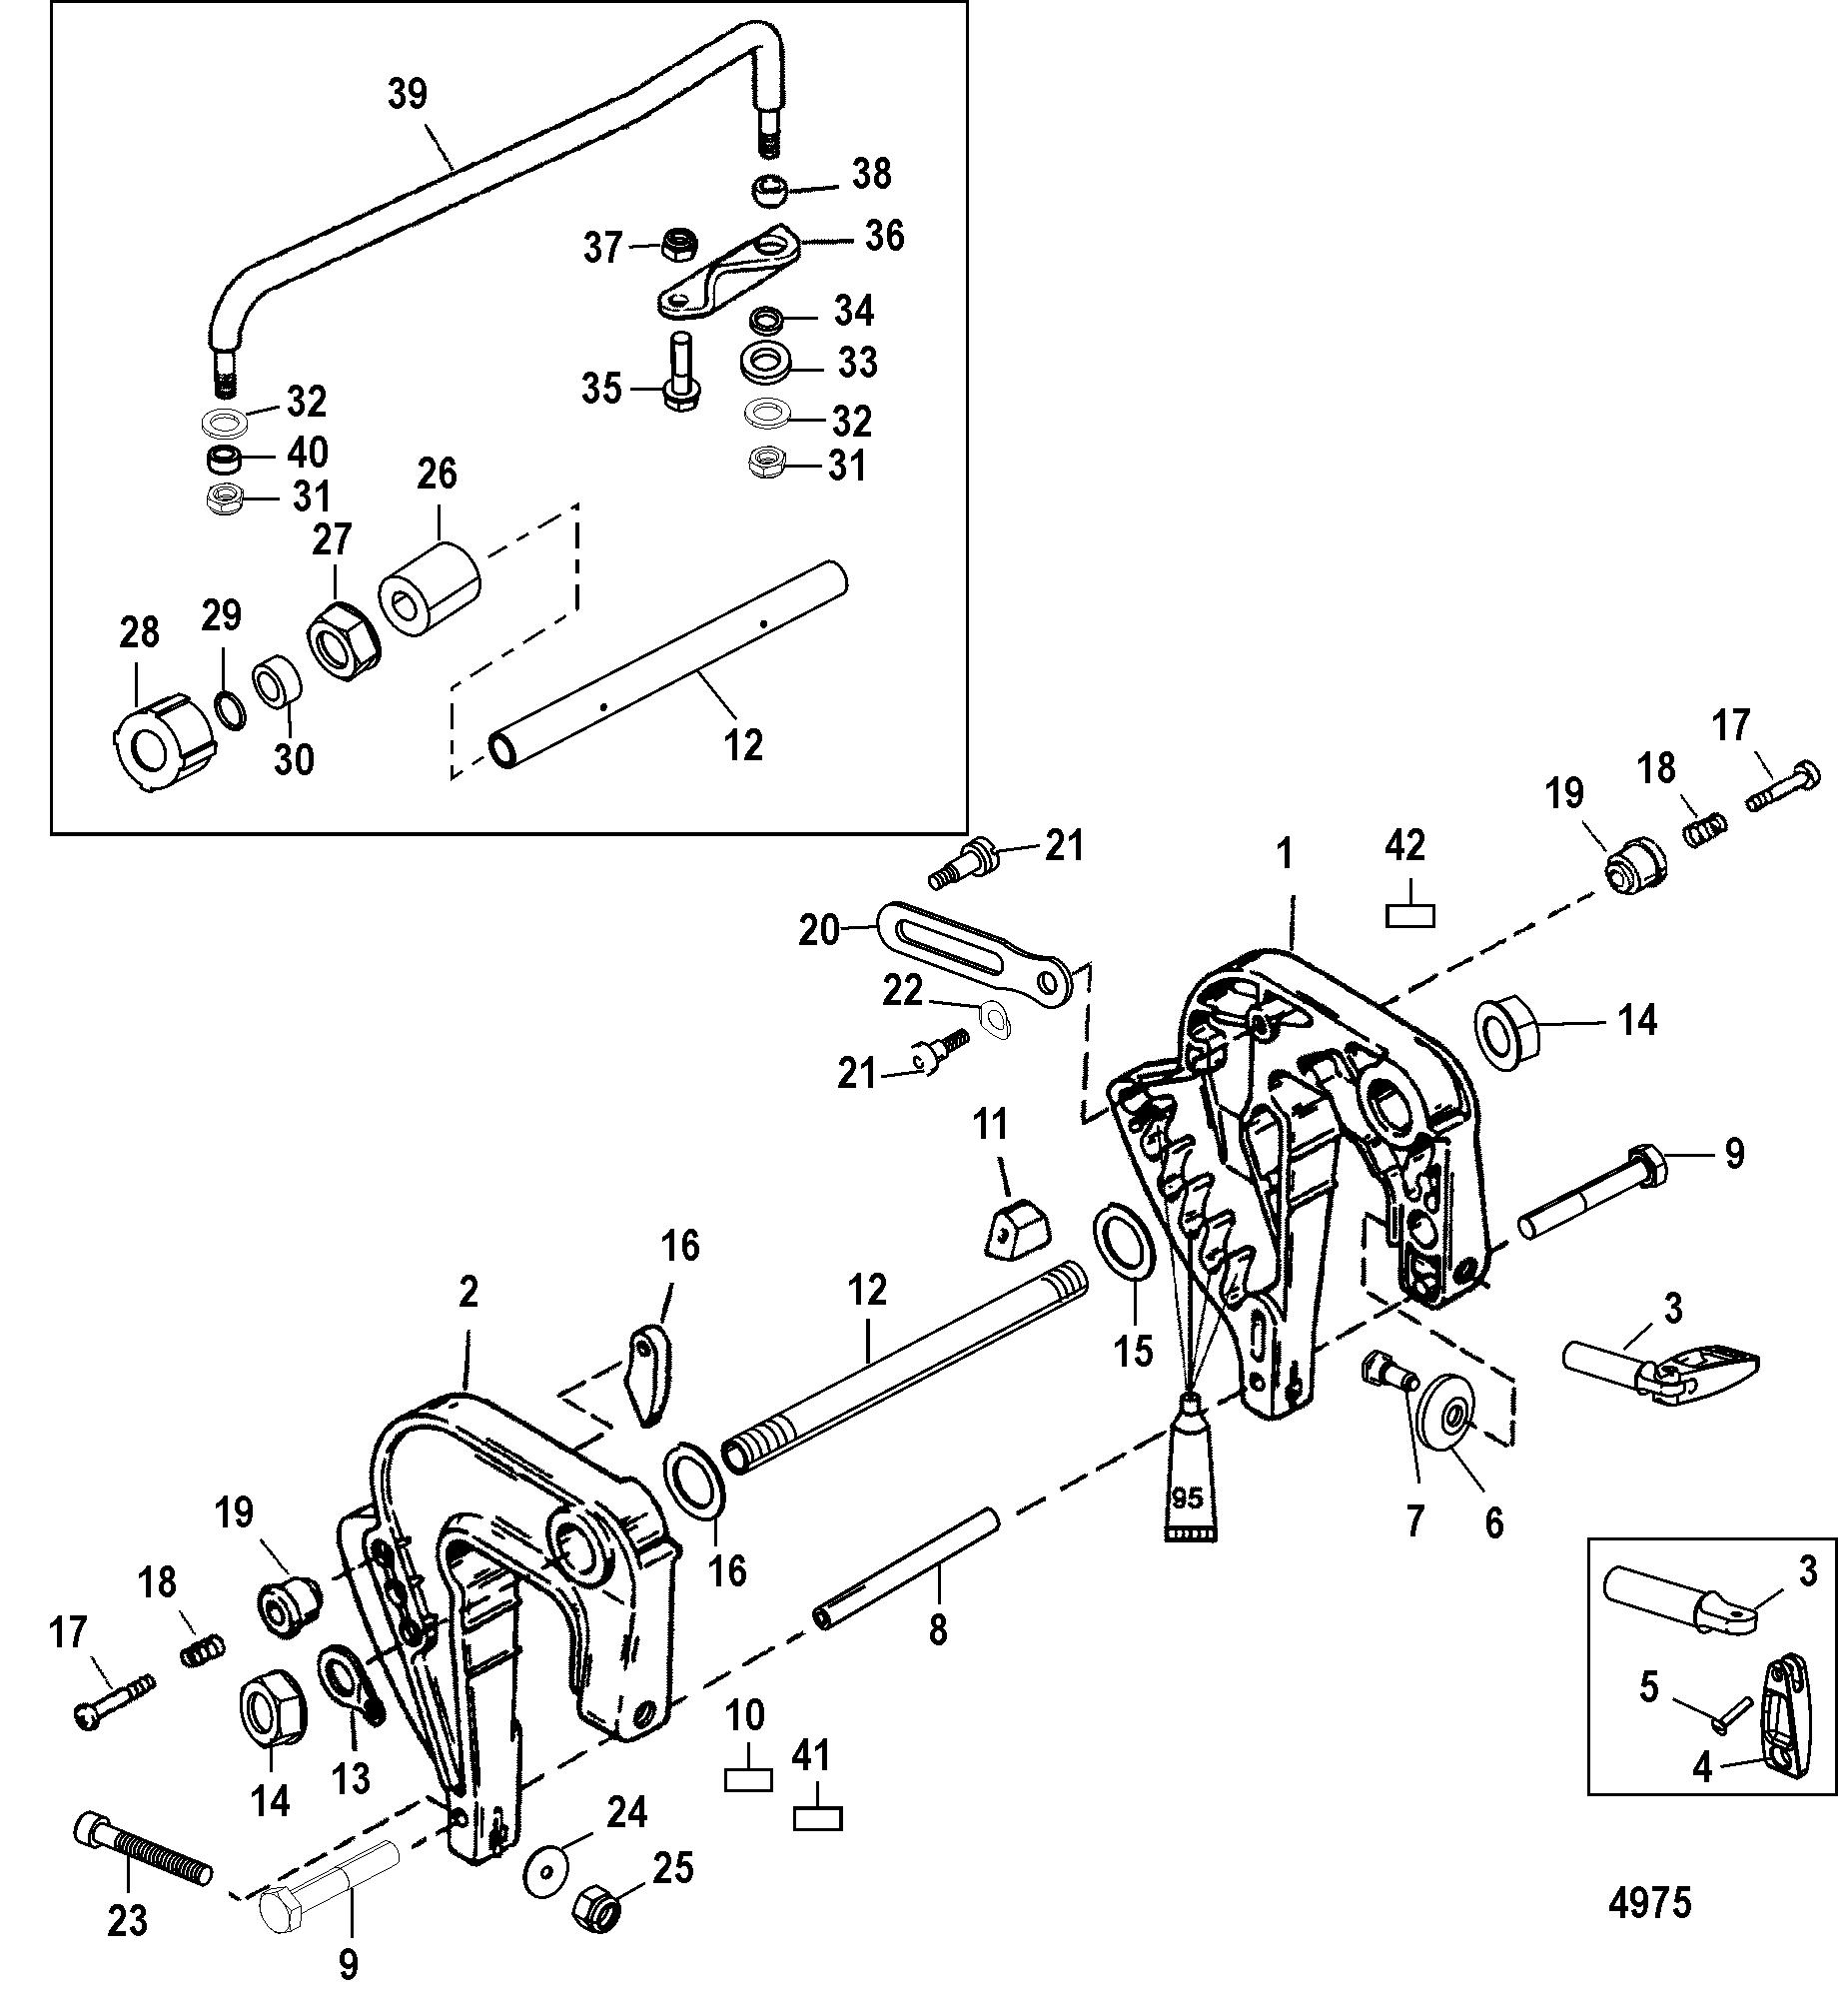 mercruiser transom parts diagram